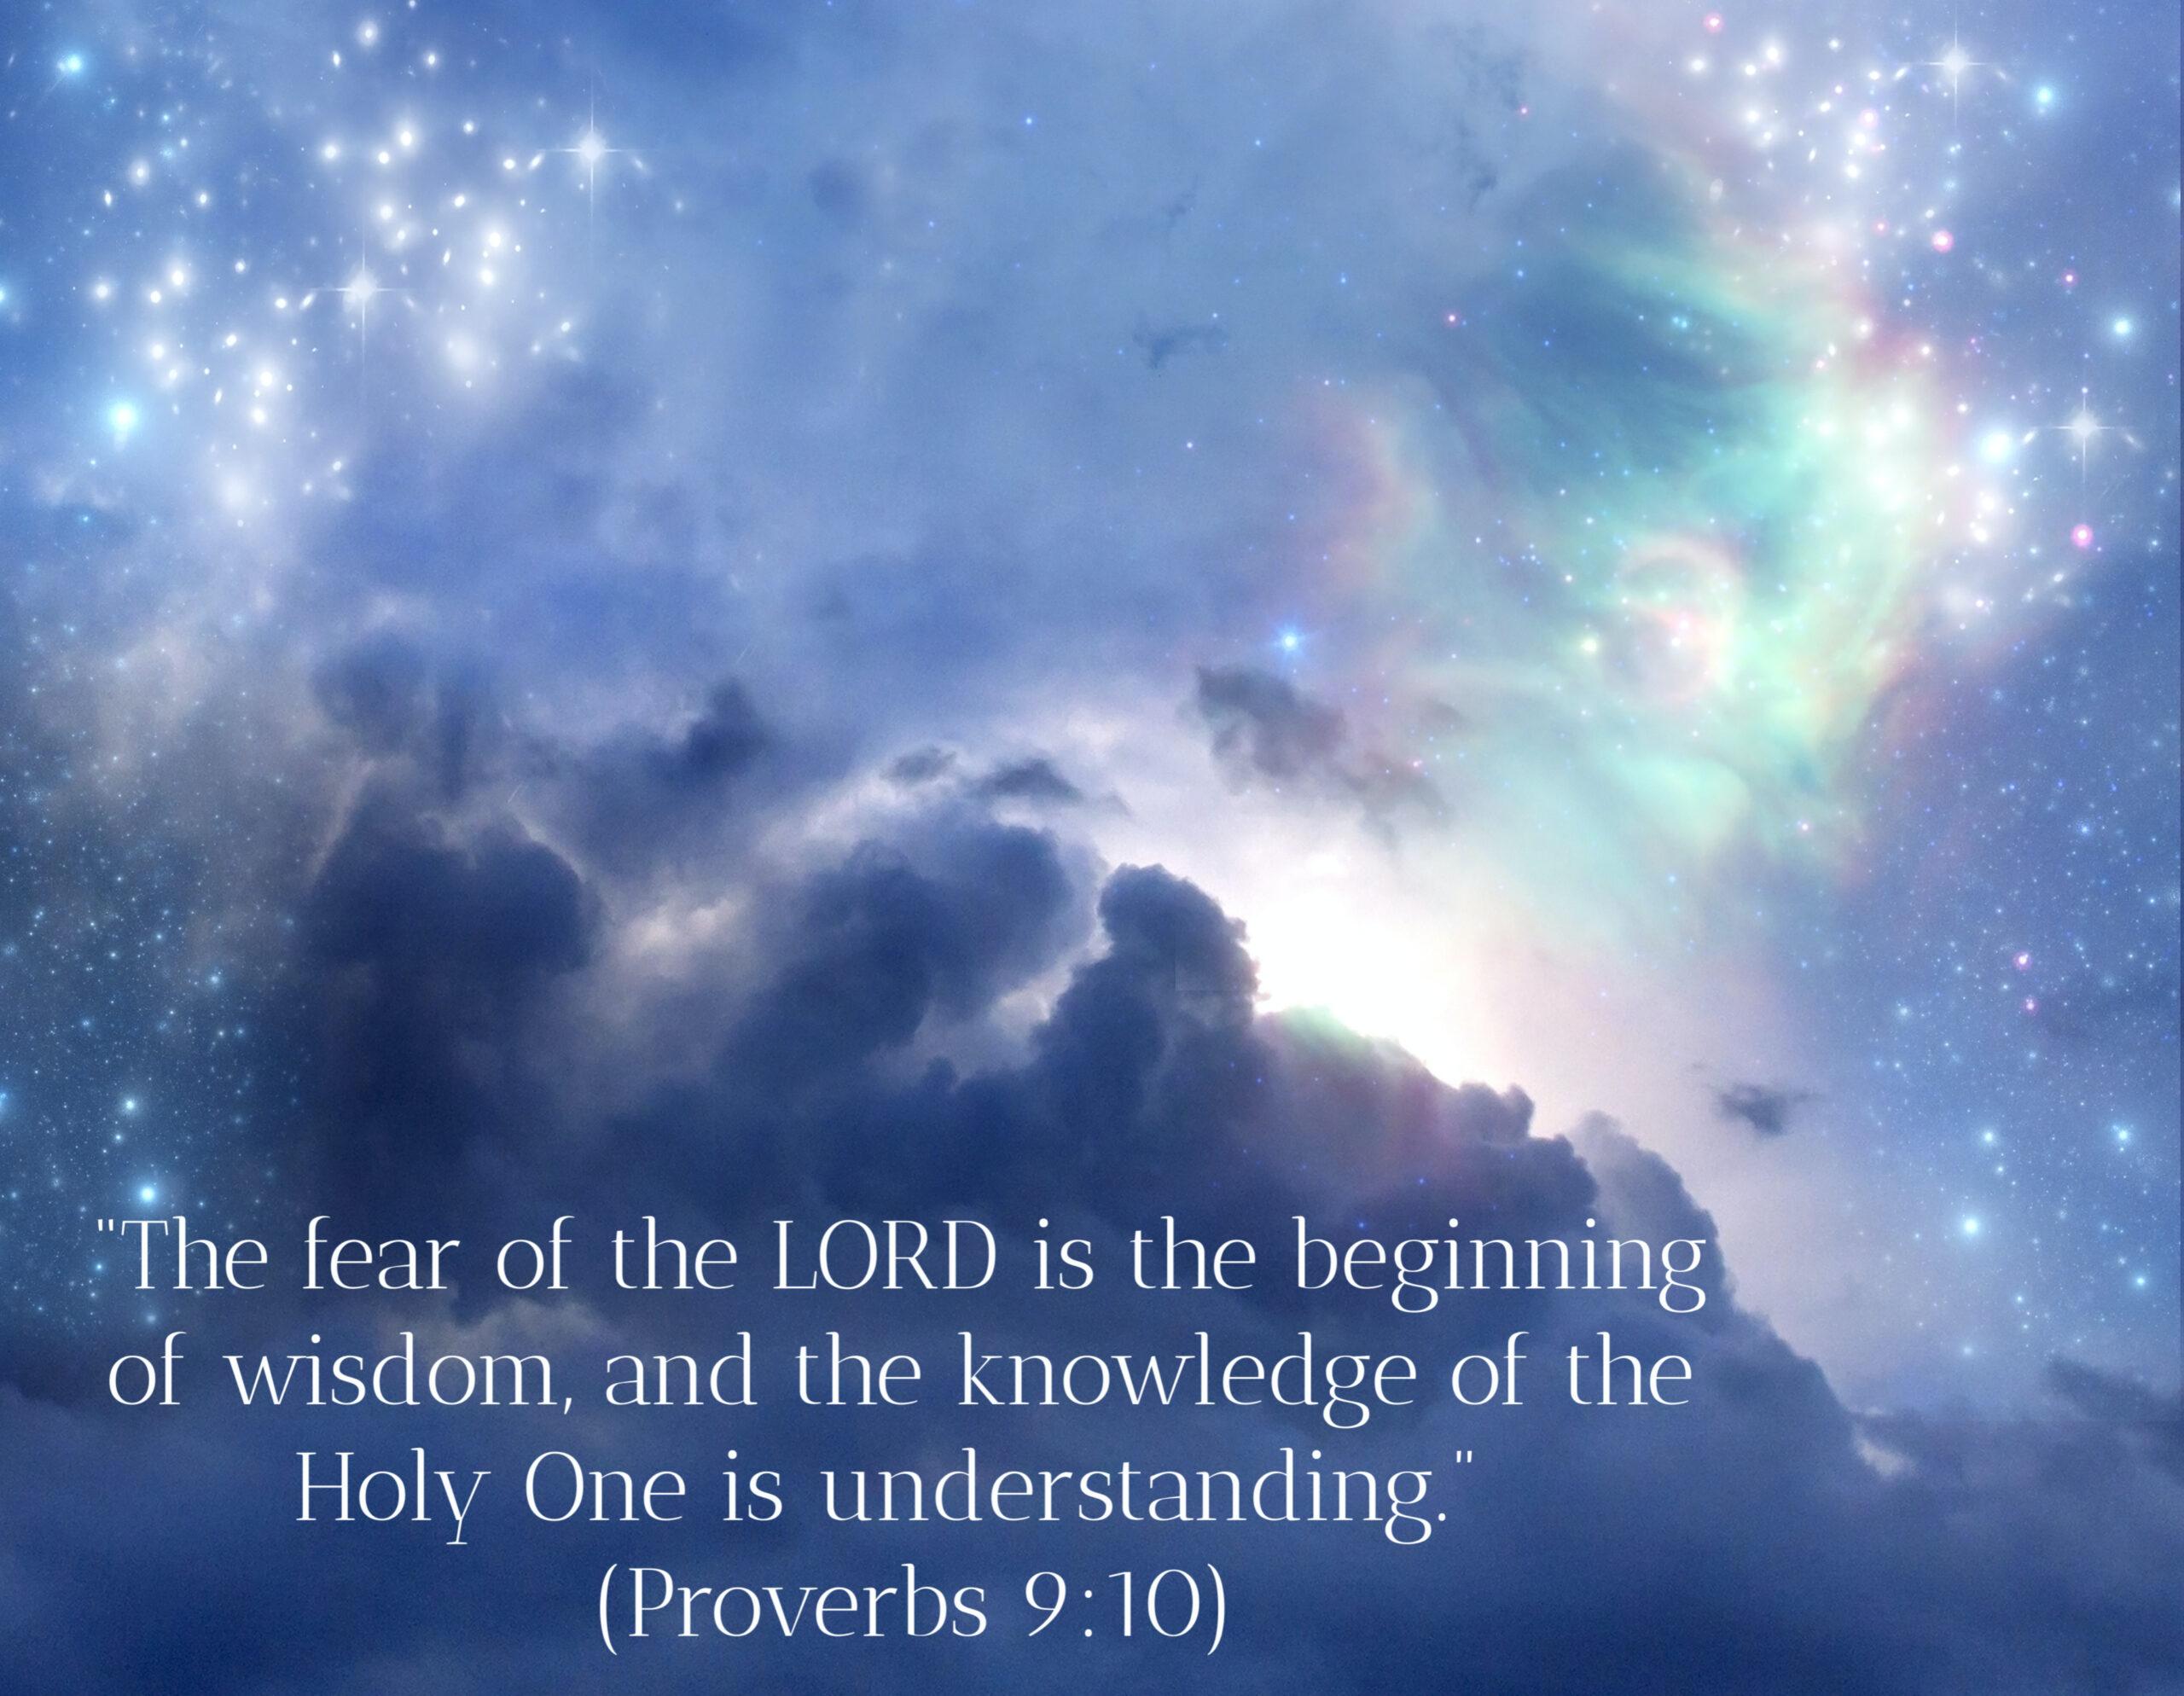 Awe in God's Wonders